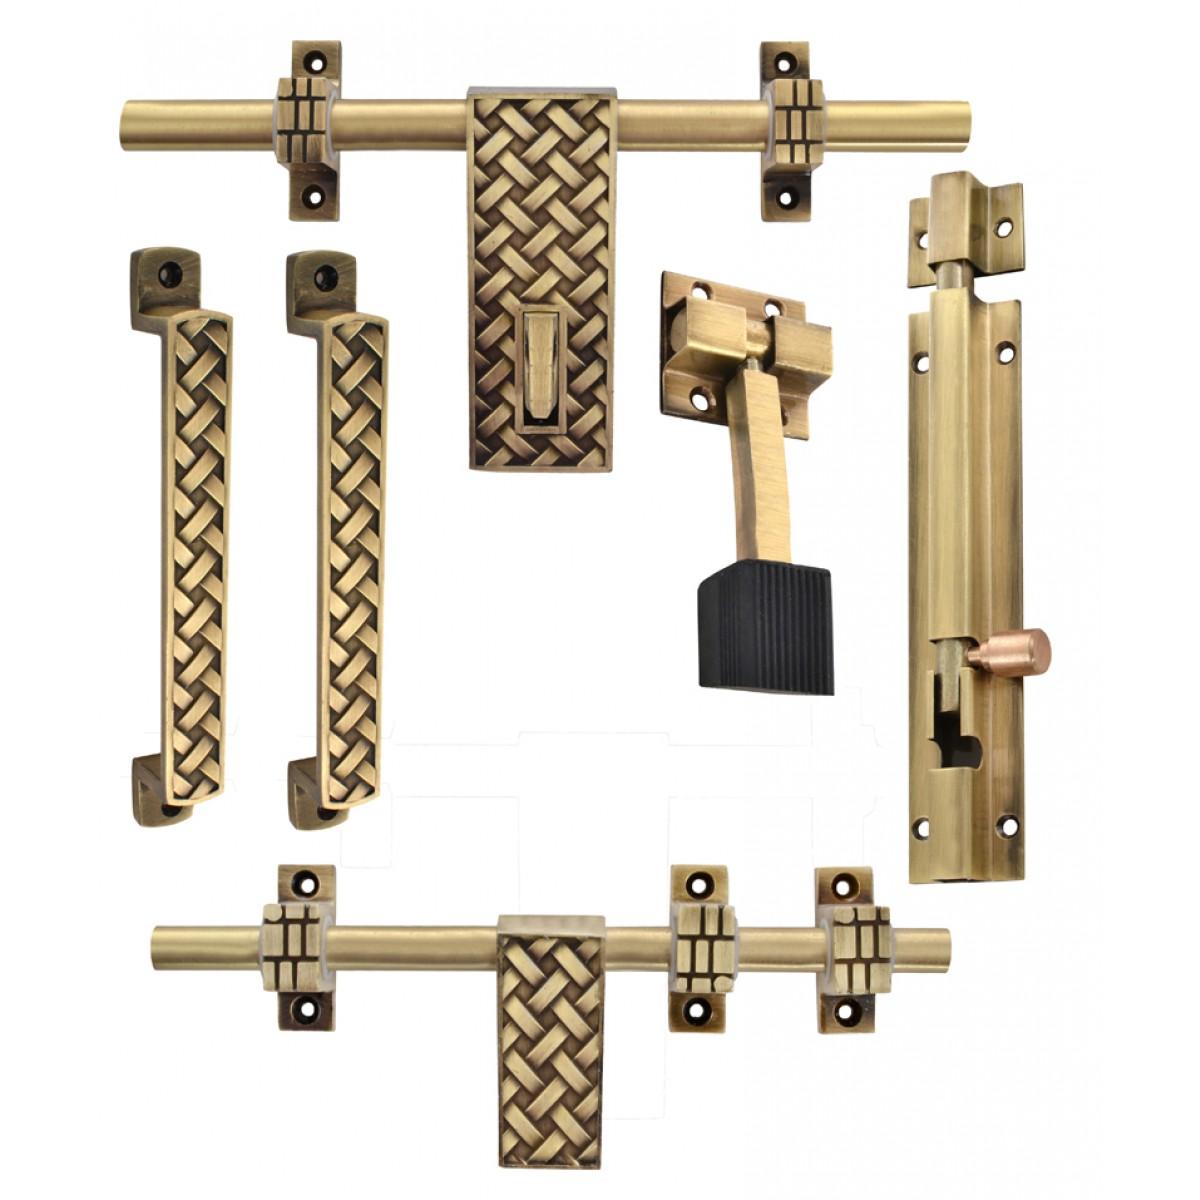 Klaxon Glorious 2 Brass Door Accessories Kit (Antique Finish 6-Pieces)  sc 1 st  Klaxon Hardware & Klaxon Glorious 2 Brass Door Accessories Kit (Antique Finish 6 ...